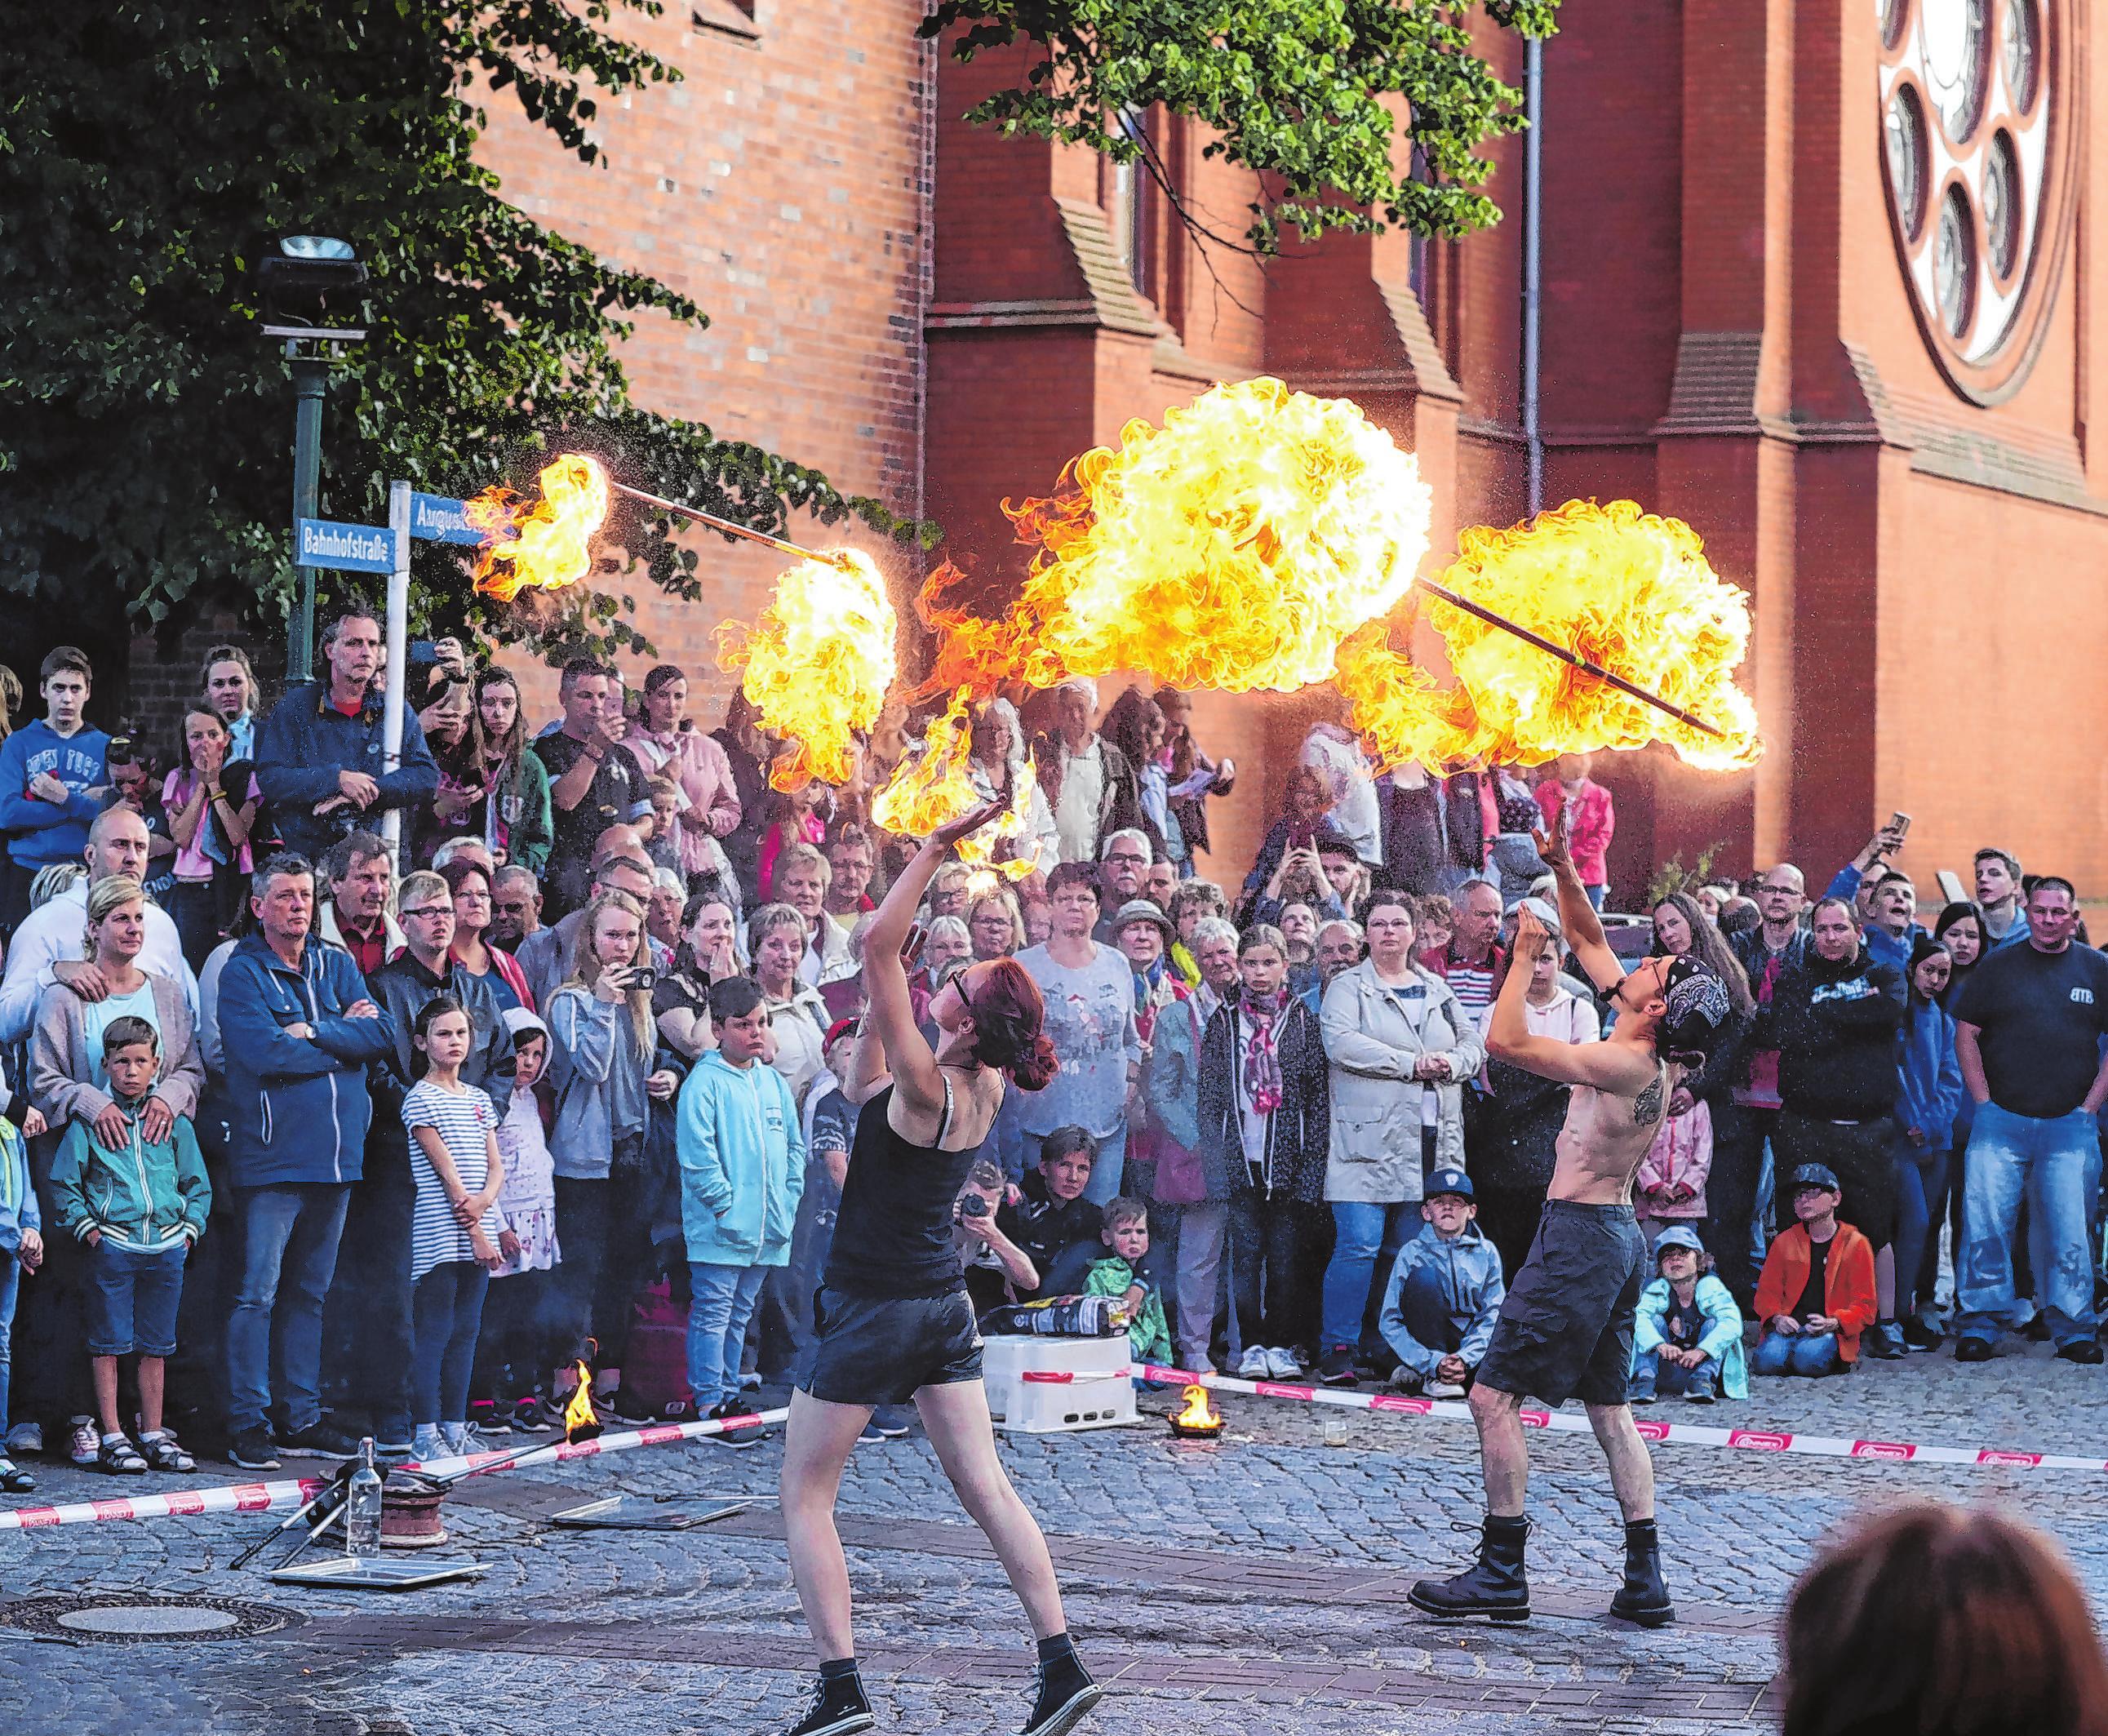 Heißes Vergnügen auch 2021: Feuershow